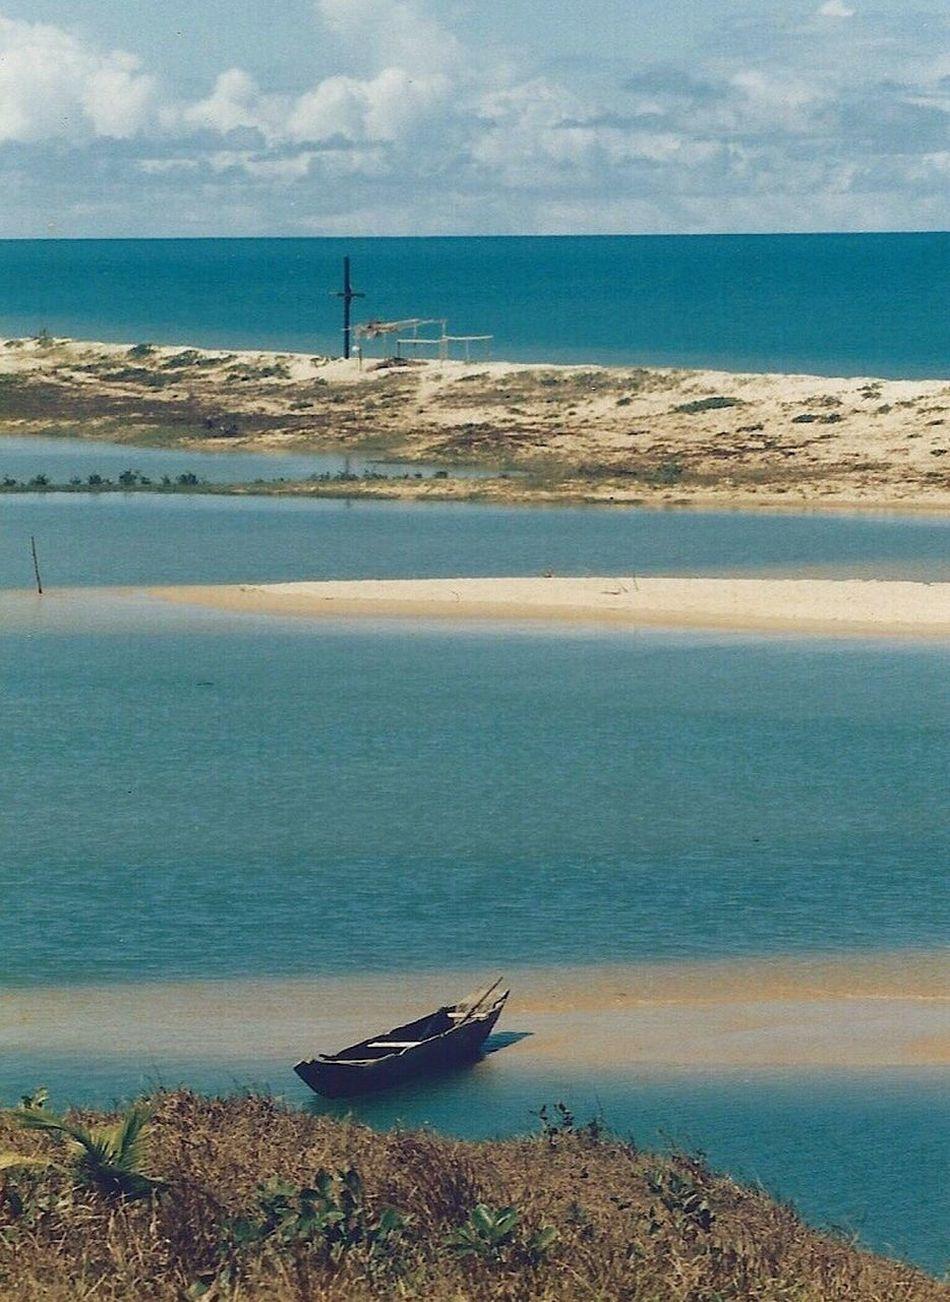 Cahy River river and sea, Prado Bahia 🇧🇷 Sea Tranquil Scene Boat Beauty In Nature Non-urban Scene Scannedphoto Pentax SpII PradoBahiaBrasil